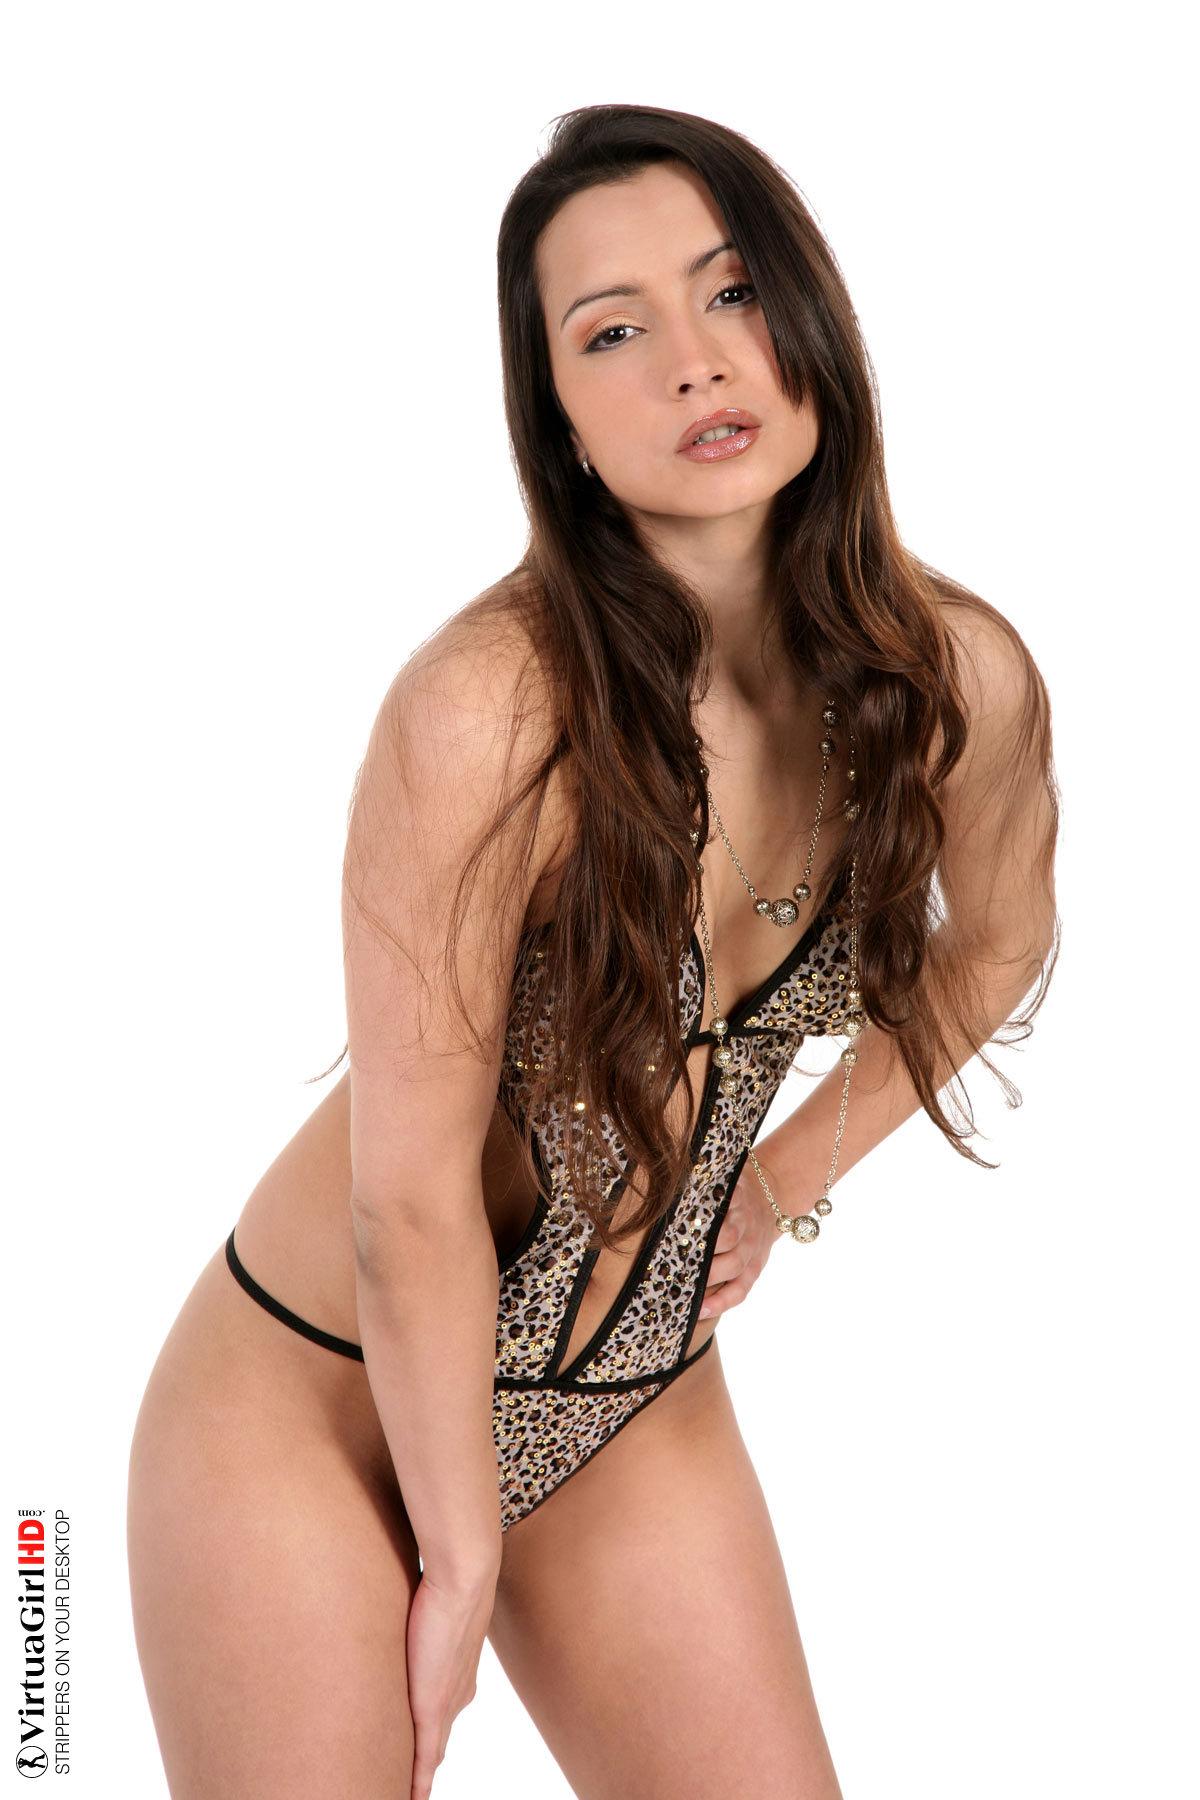 nude stripping bikini girls